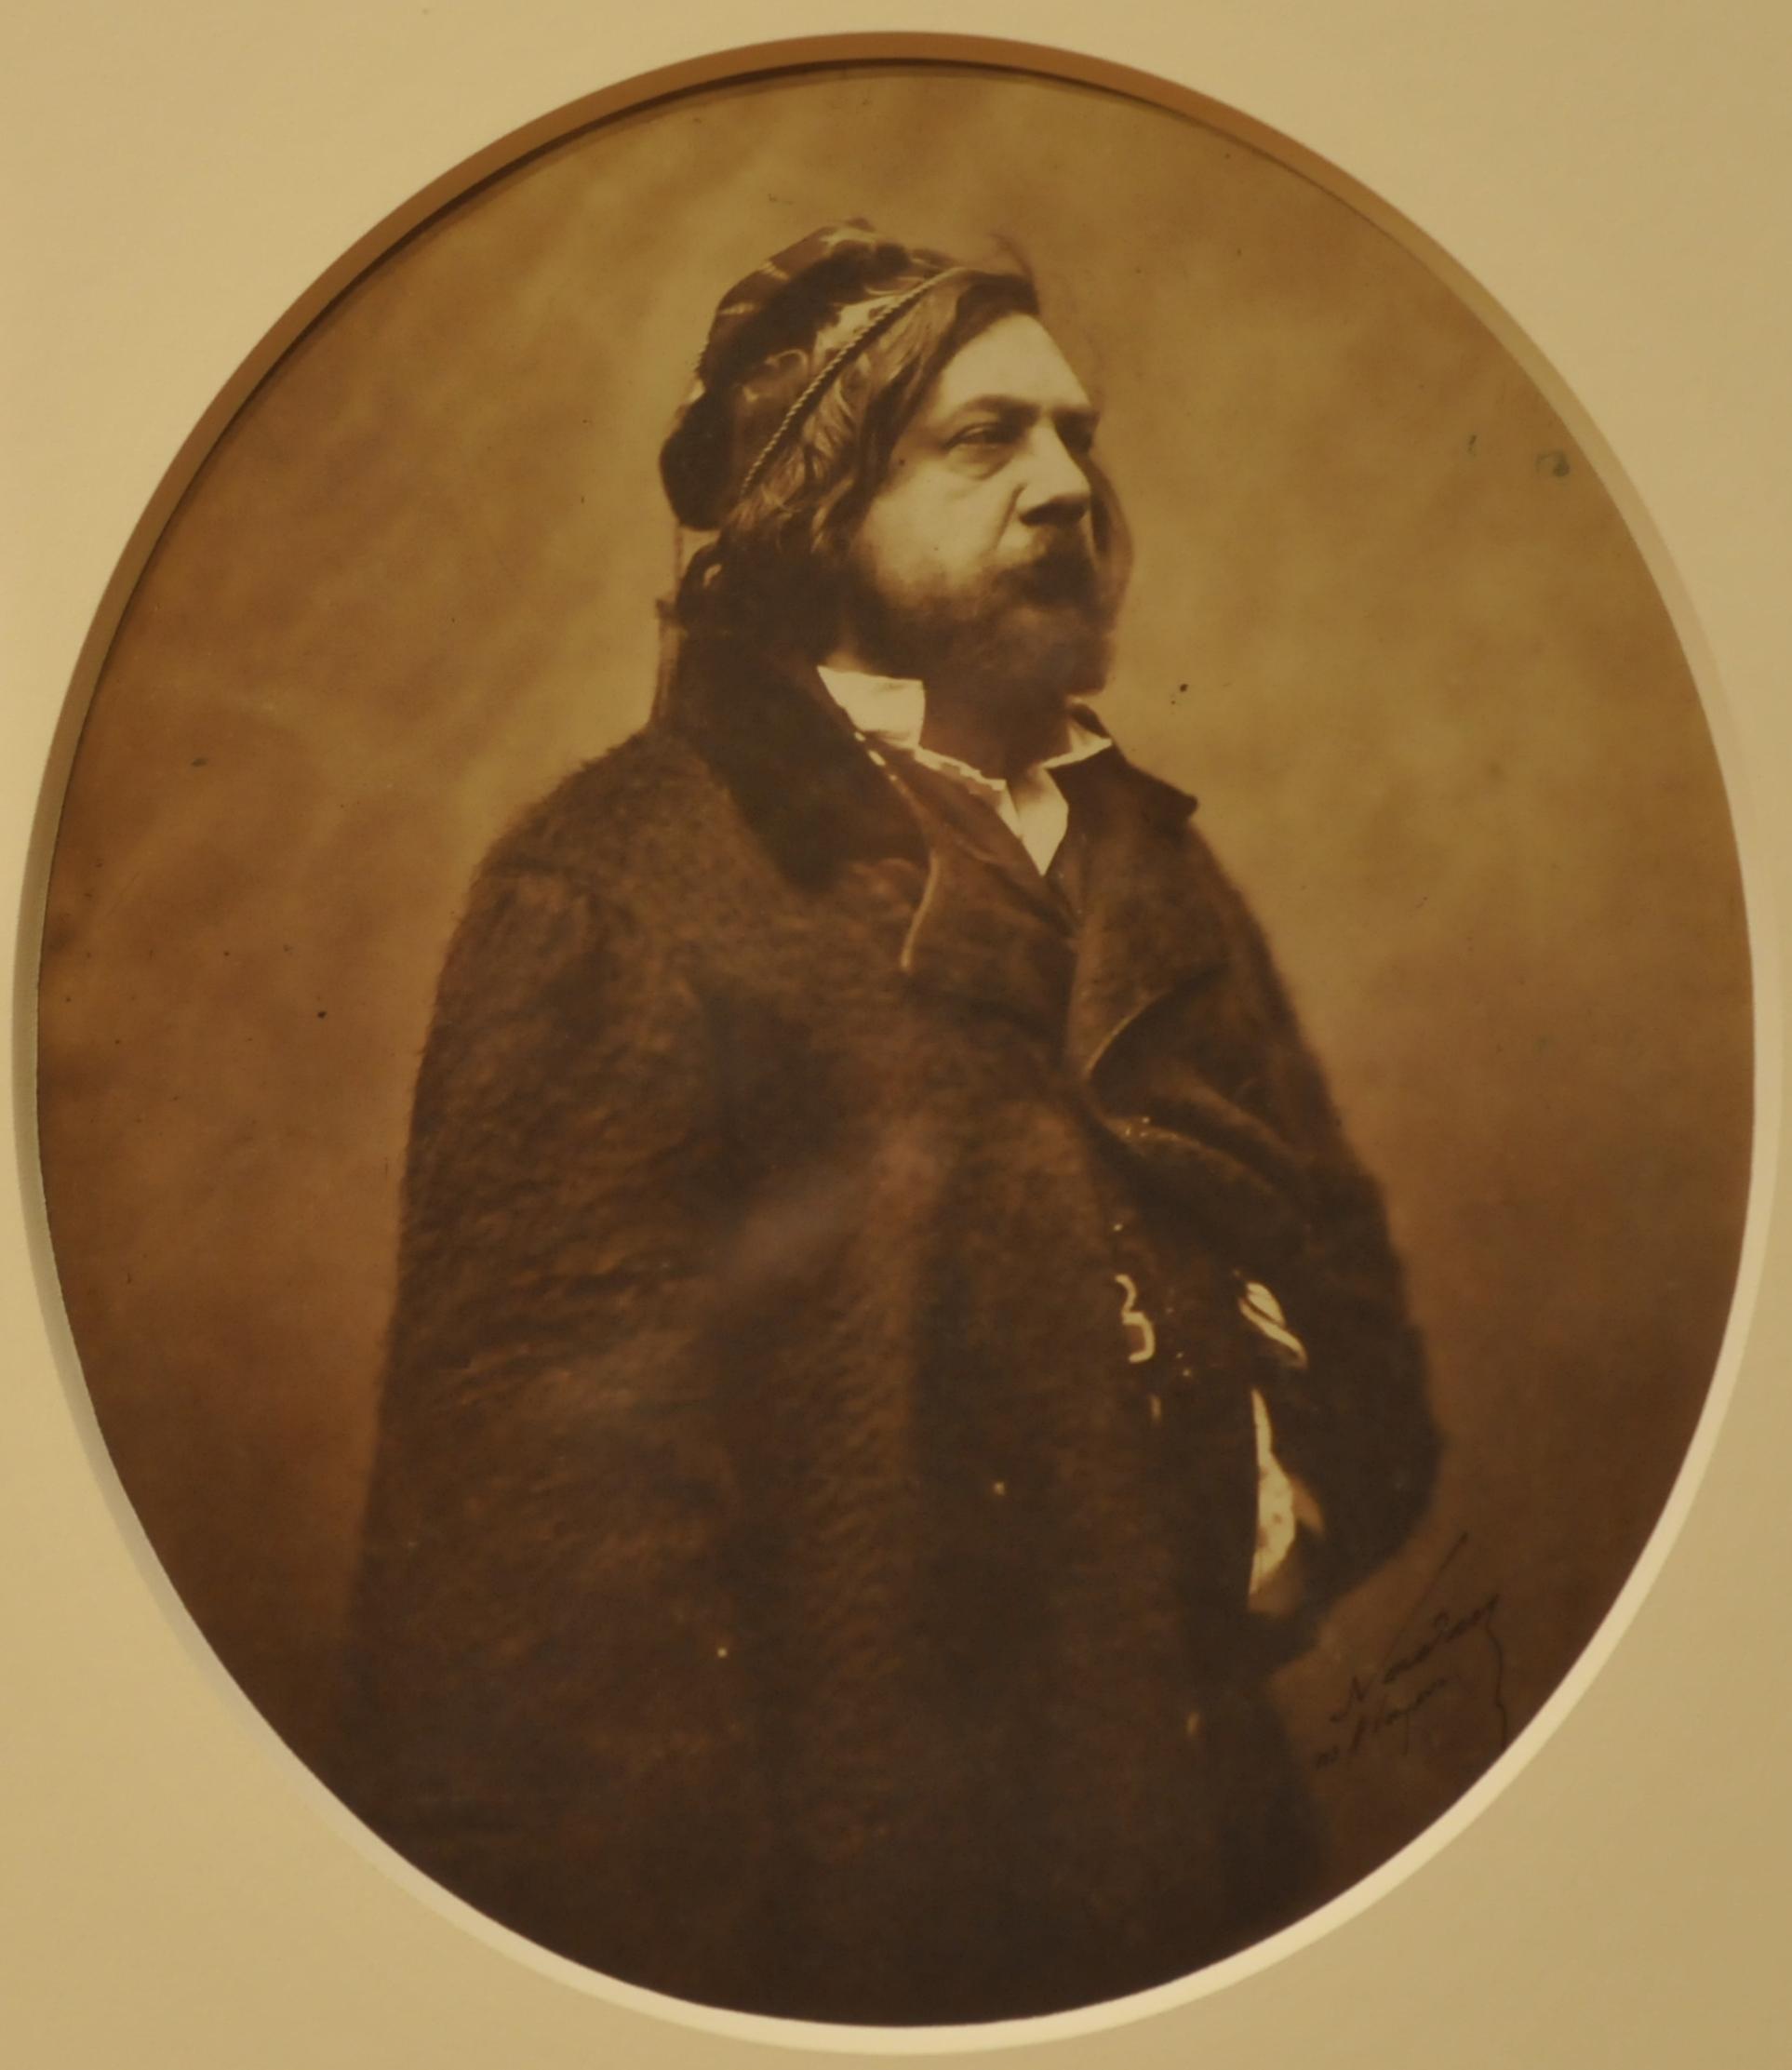 Théophile Gautier par Nadar (1855)